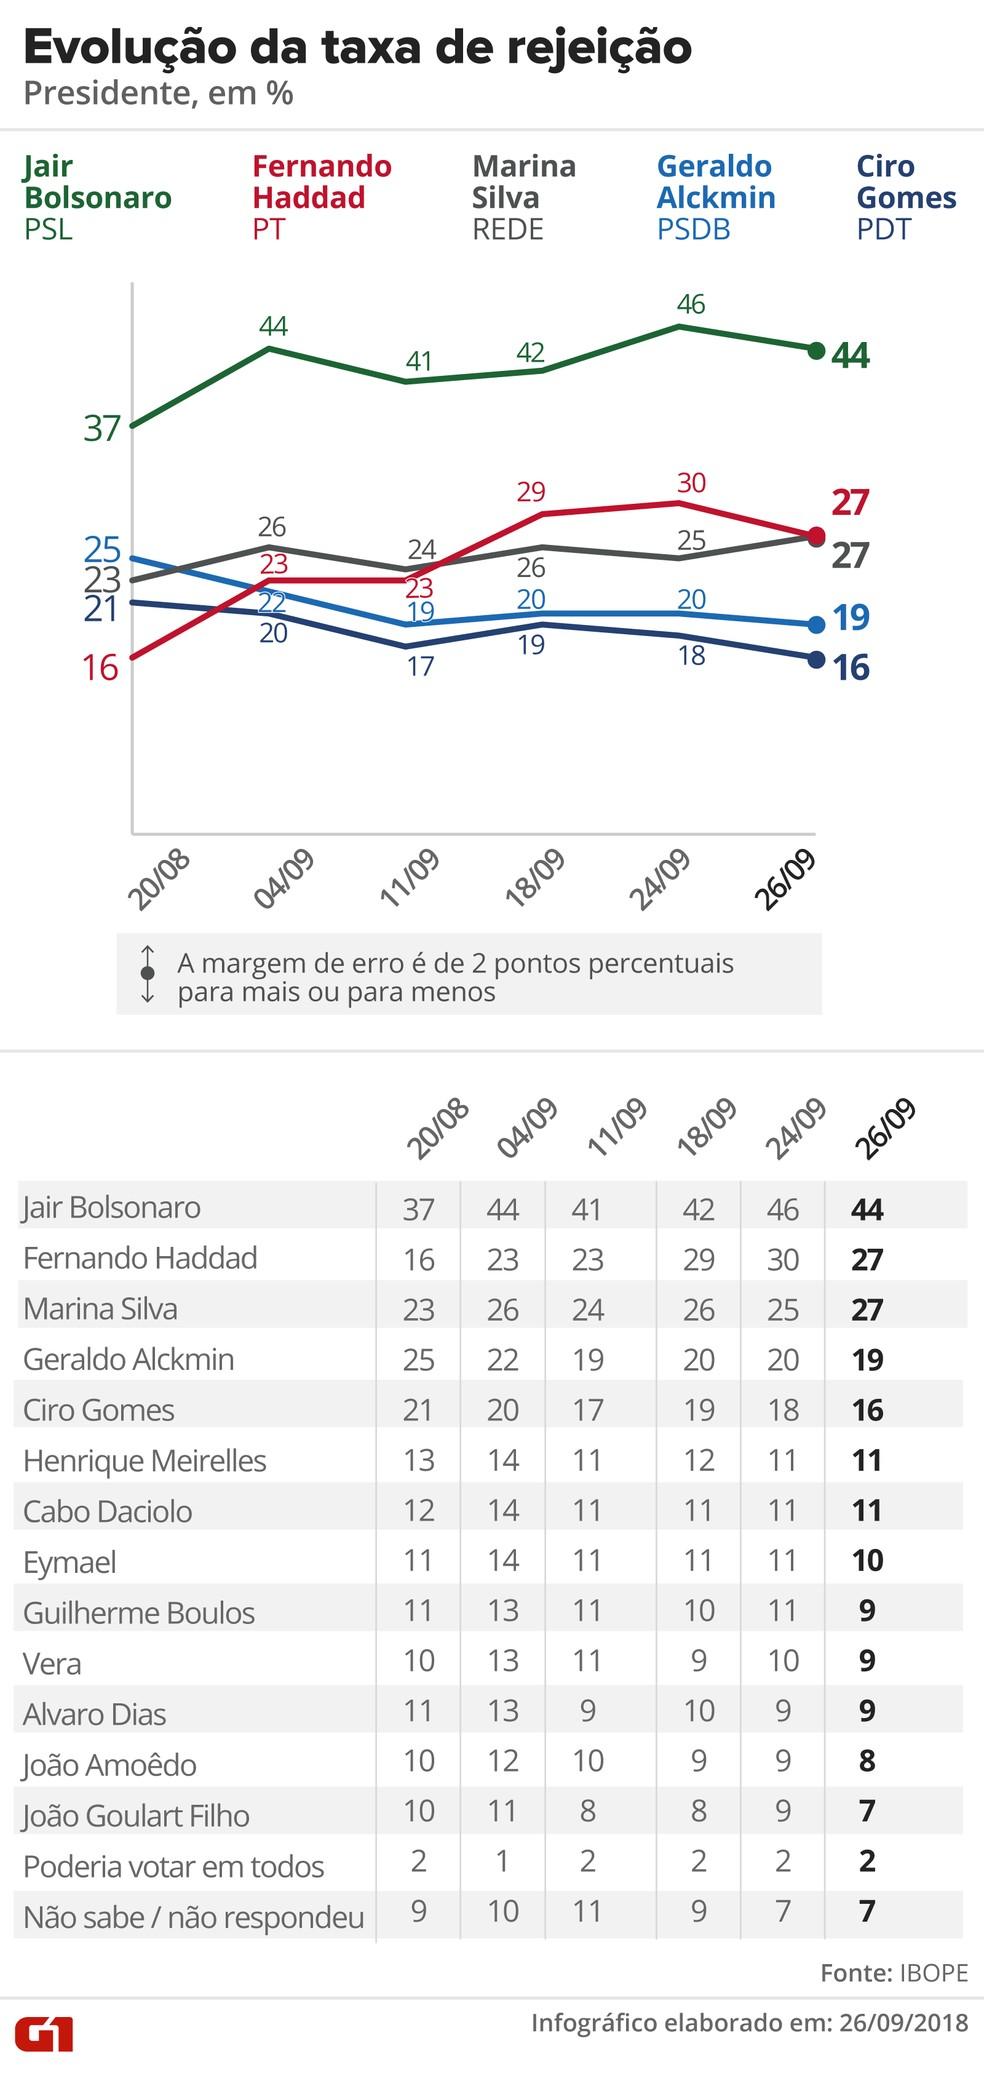 Pesquisa Ibope de candidatos a presidente - taxa de rejeição — Foto: Editoria de Arte / G1